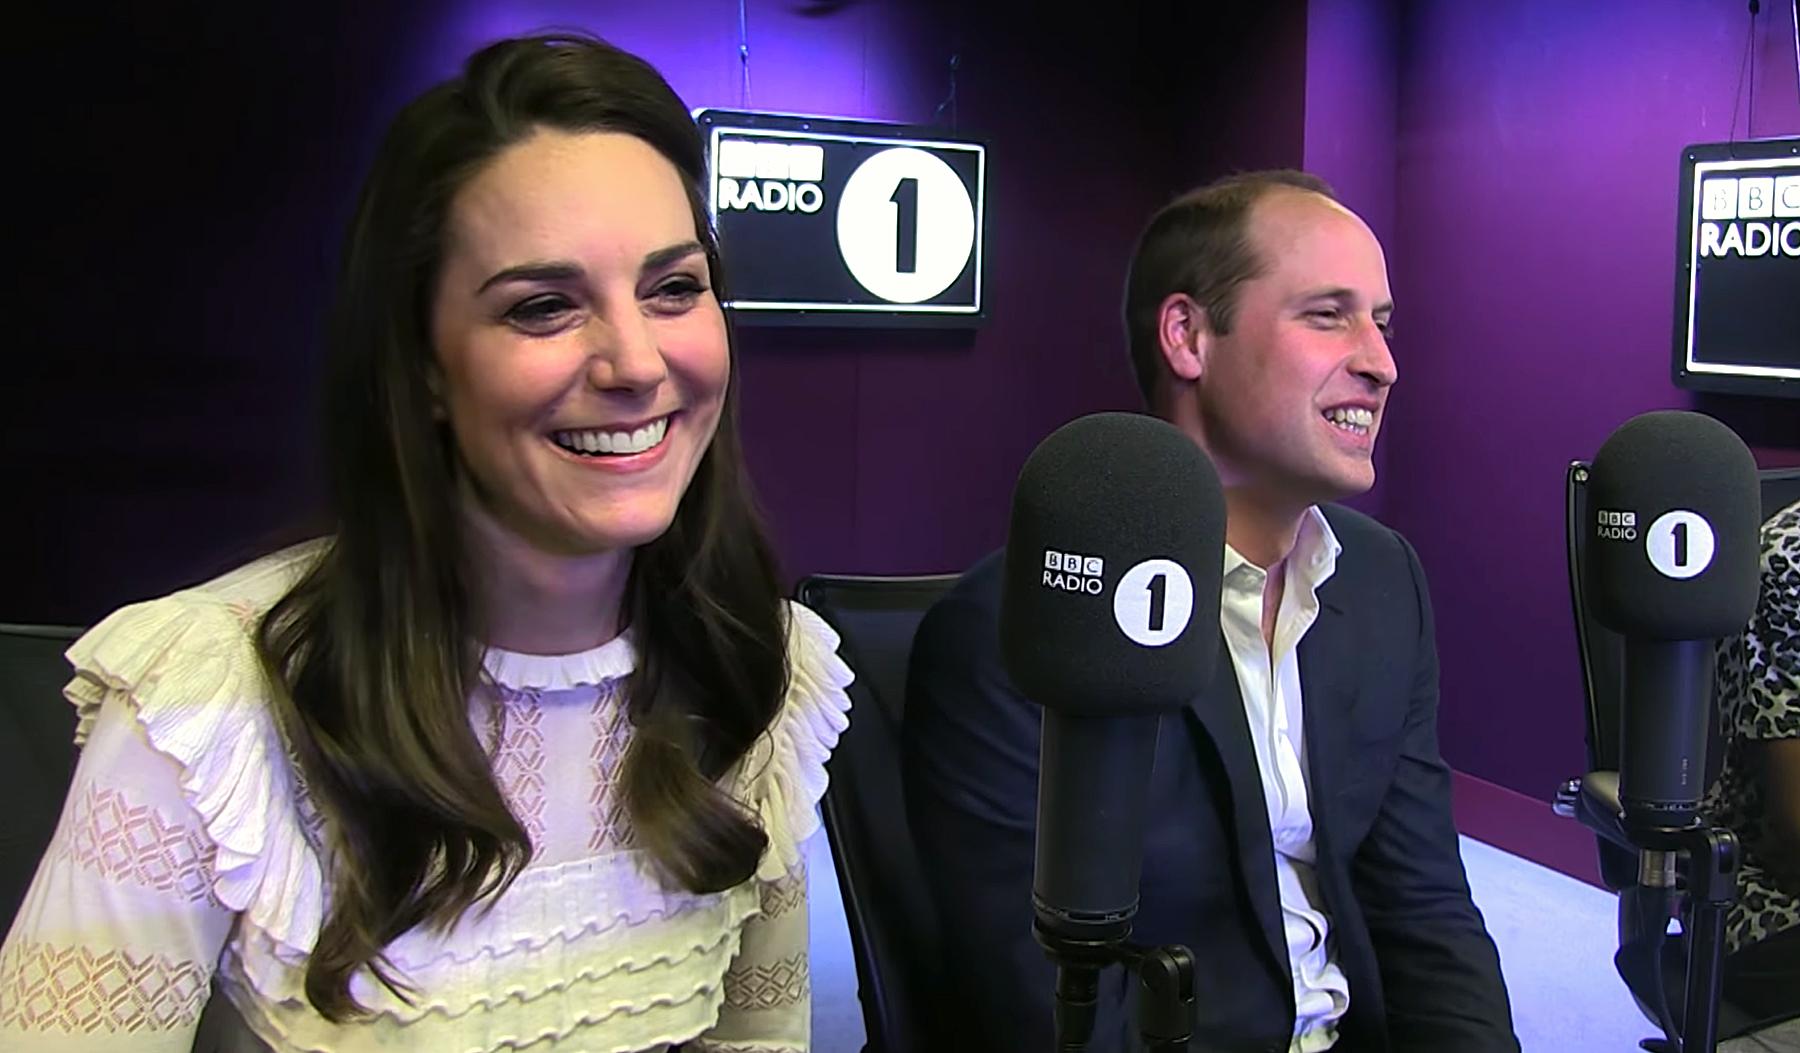 Kate Middleton Prince William BBC 1